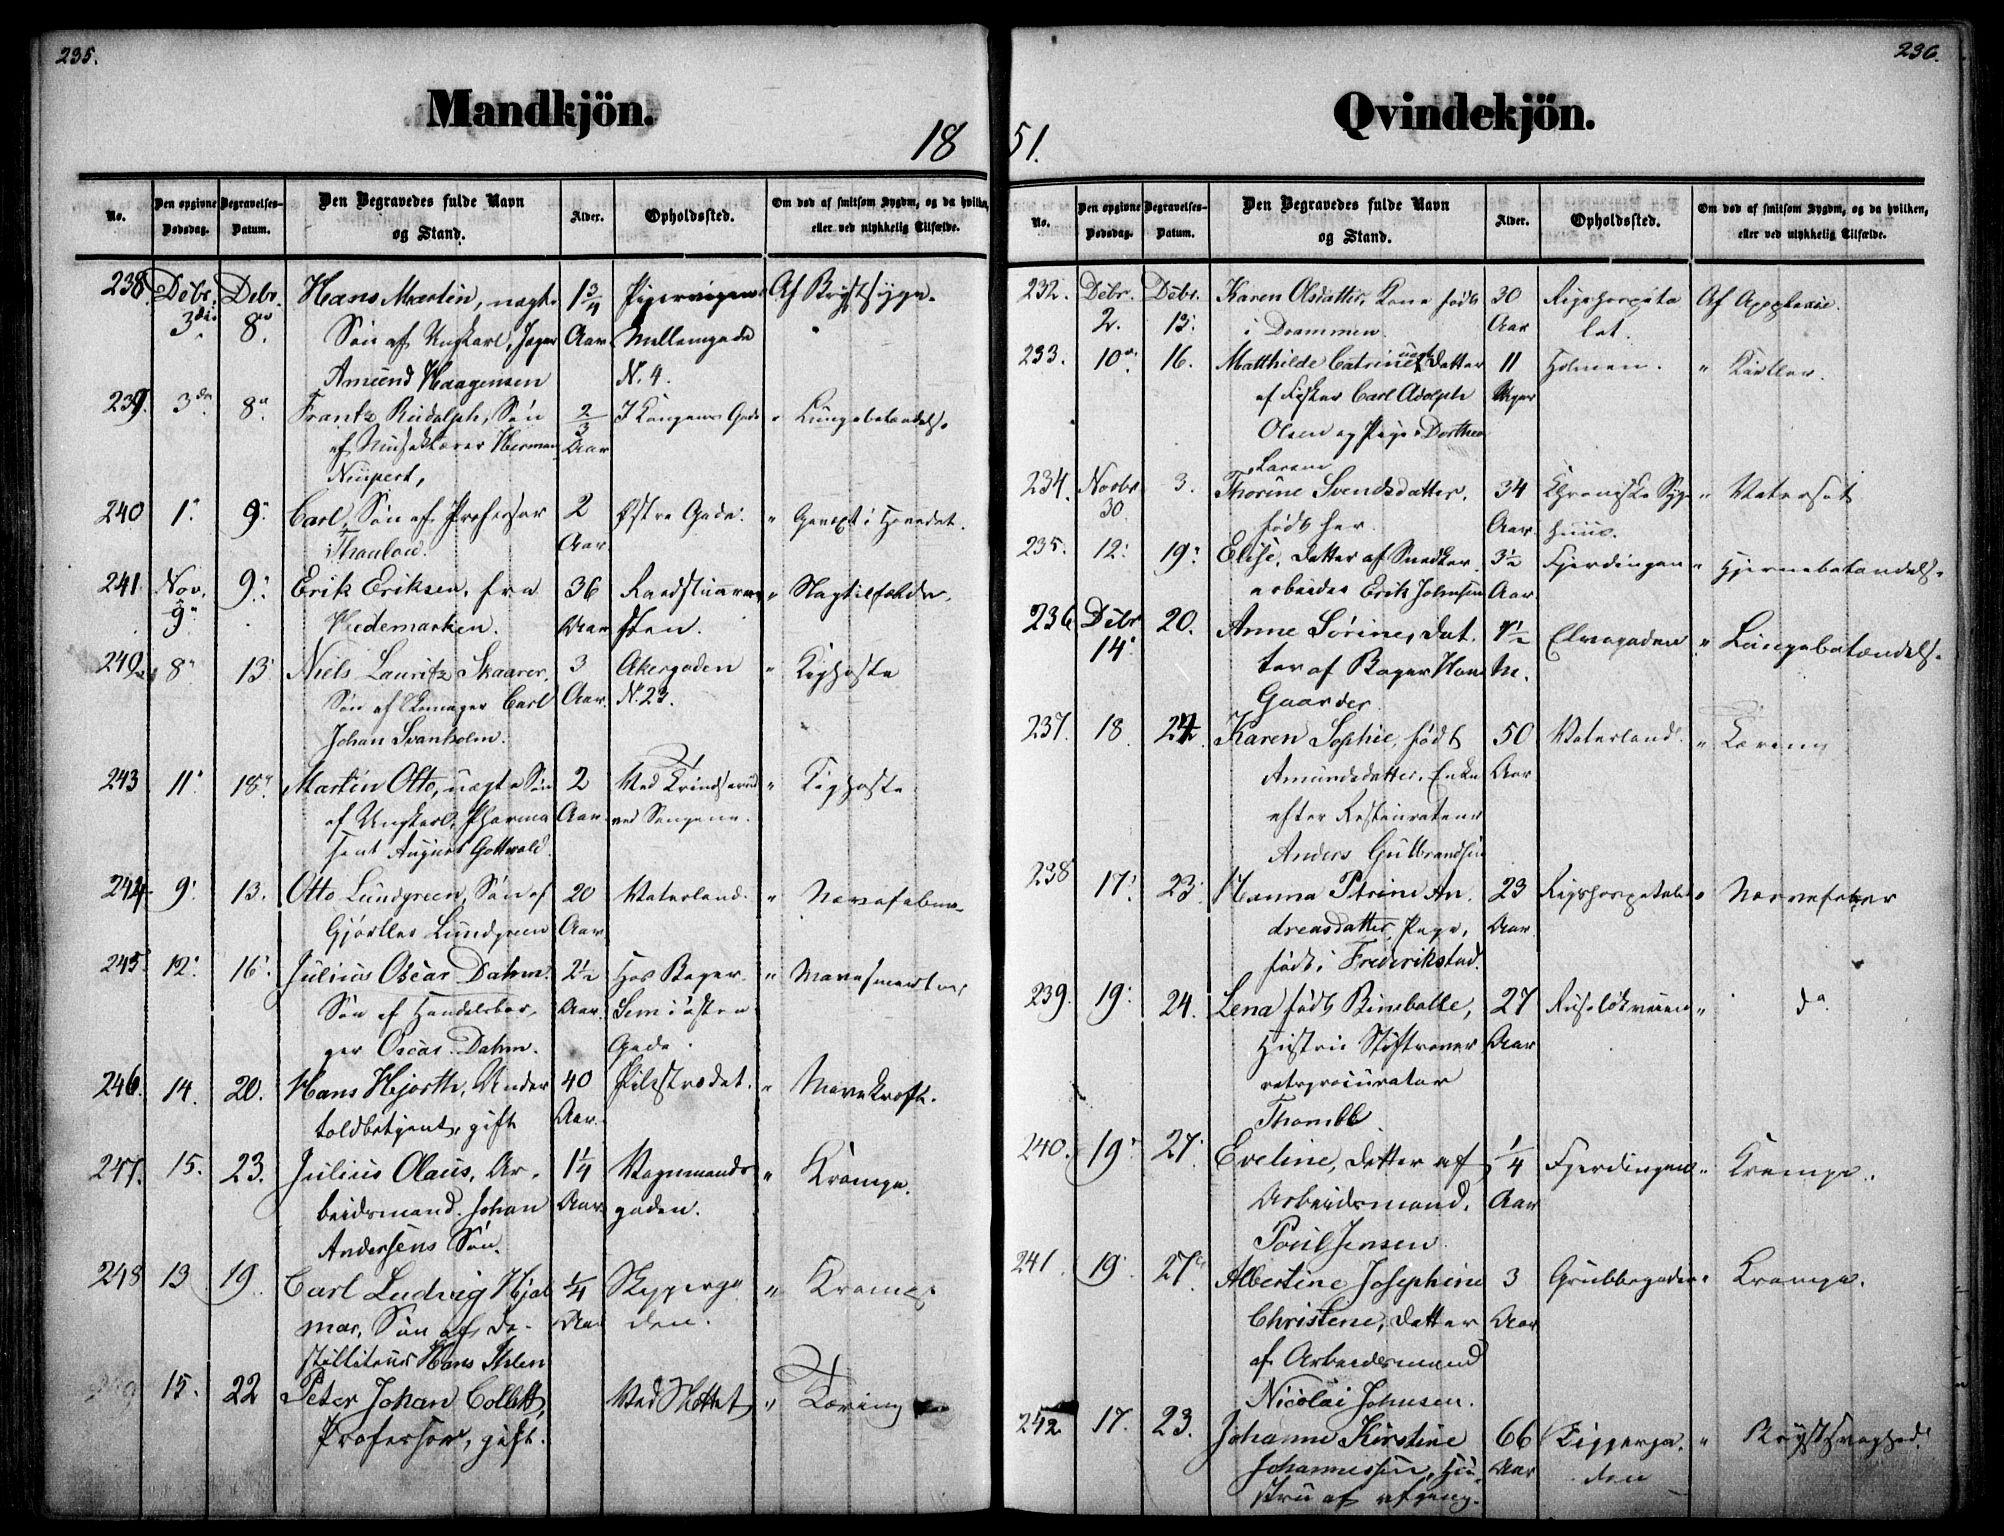 SAO, Oslo domkirke Kirkebøker, F/Fa/L0025: Ministerialbok nr. 25, 1847-1867, s. 235-236